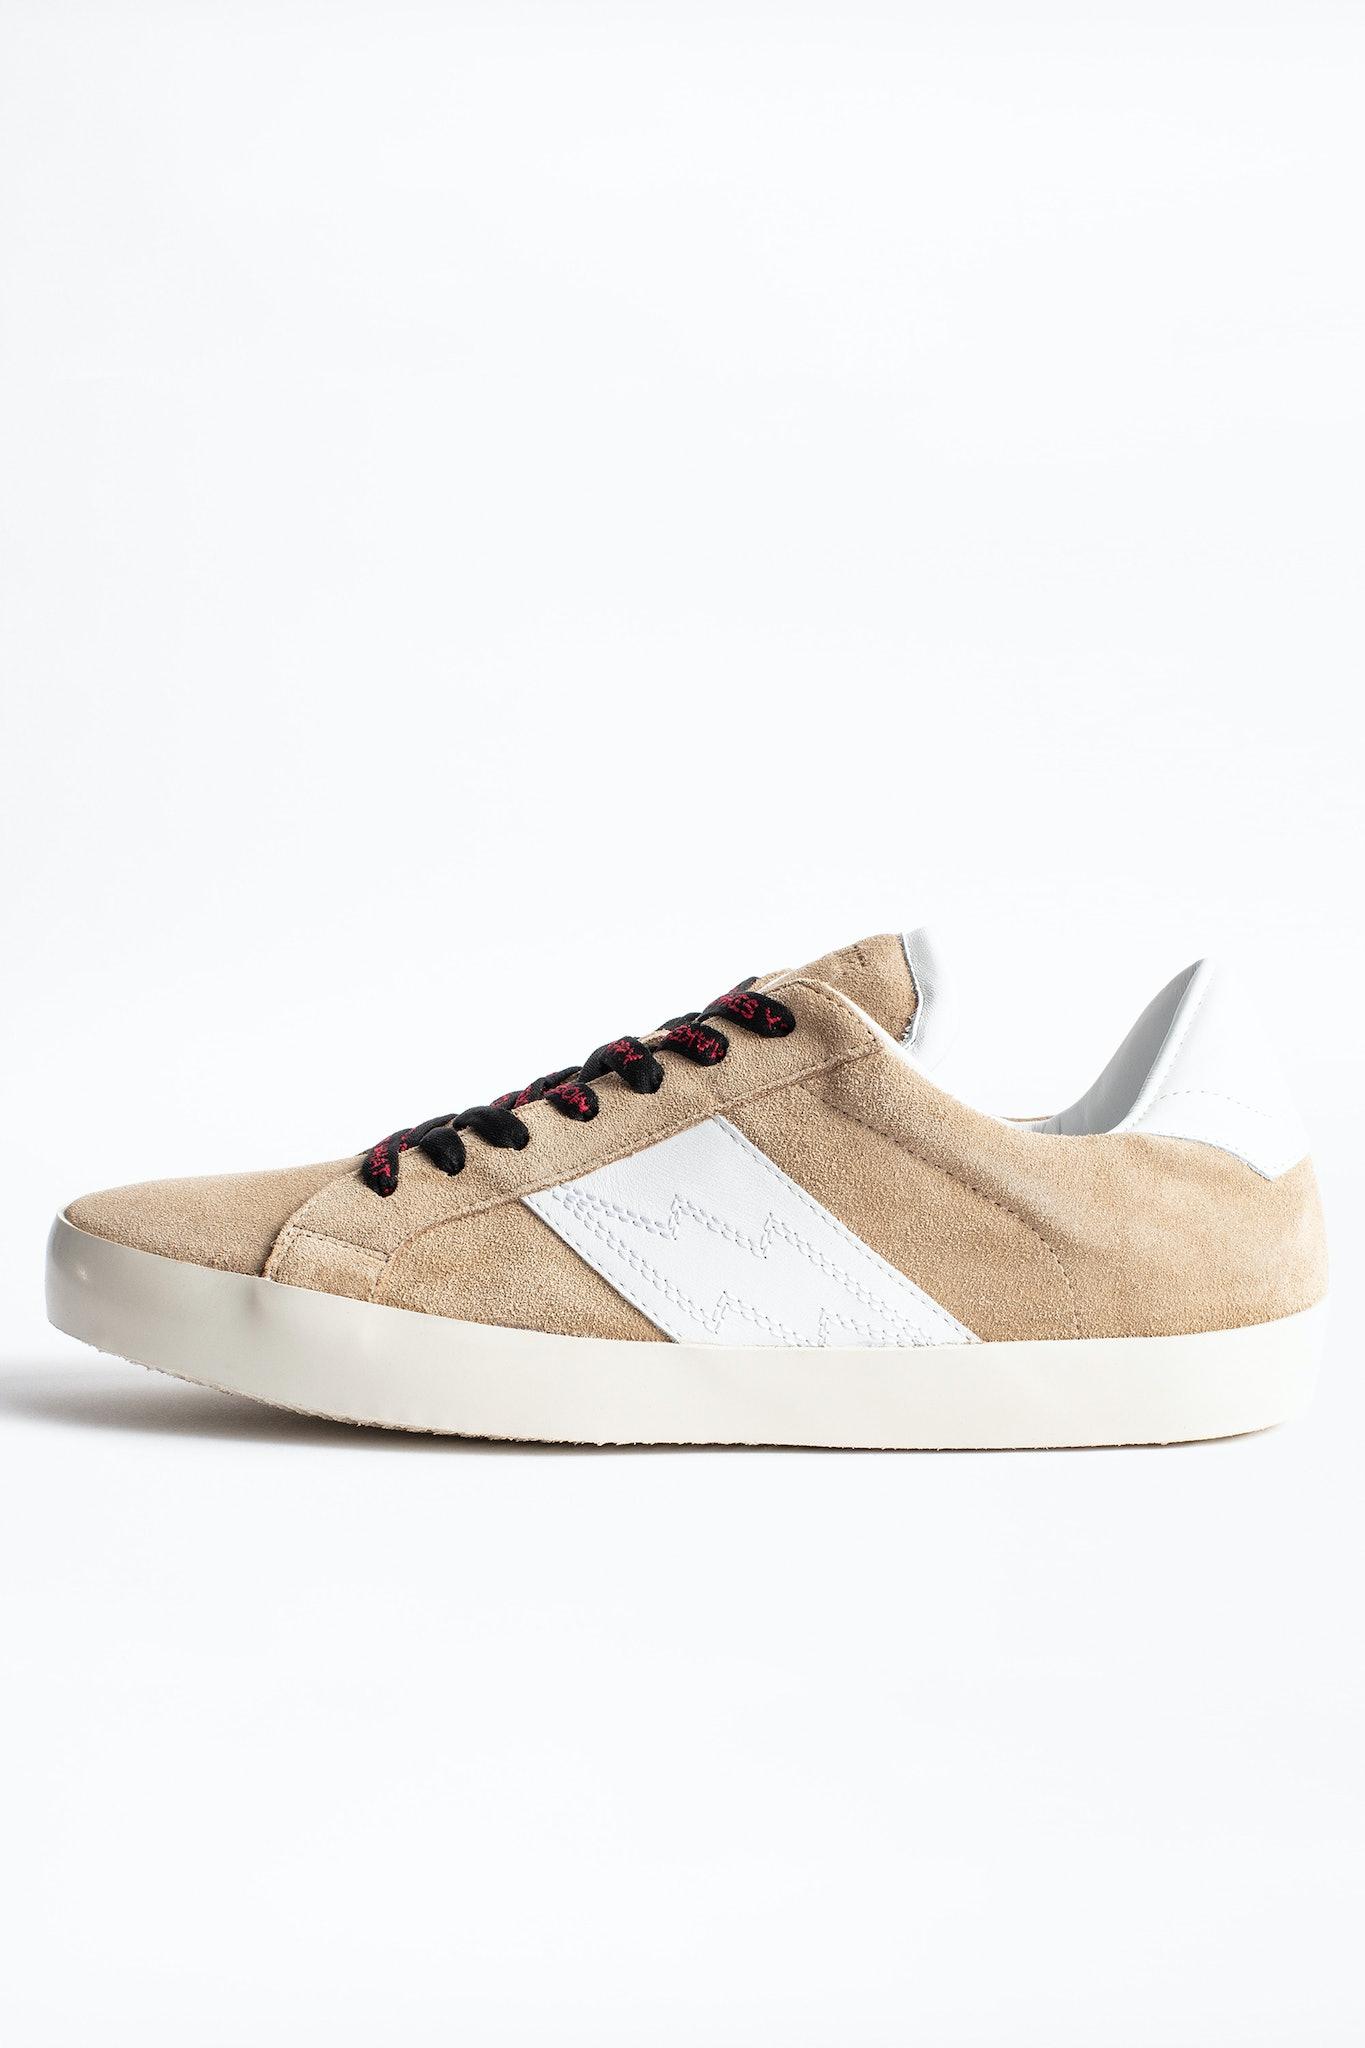 Zadig Patch Suede Men Sneakers